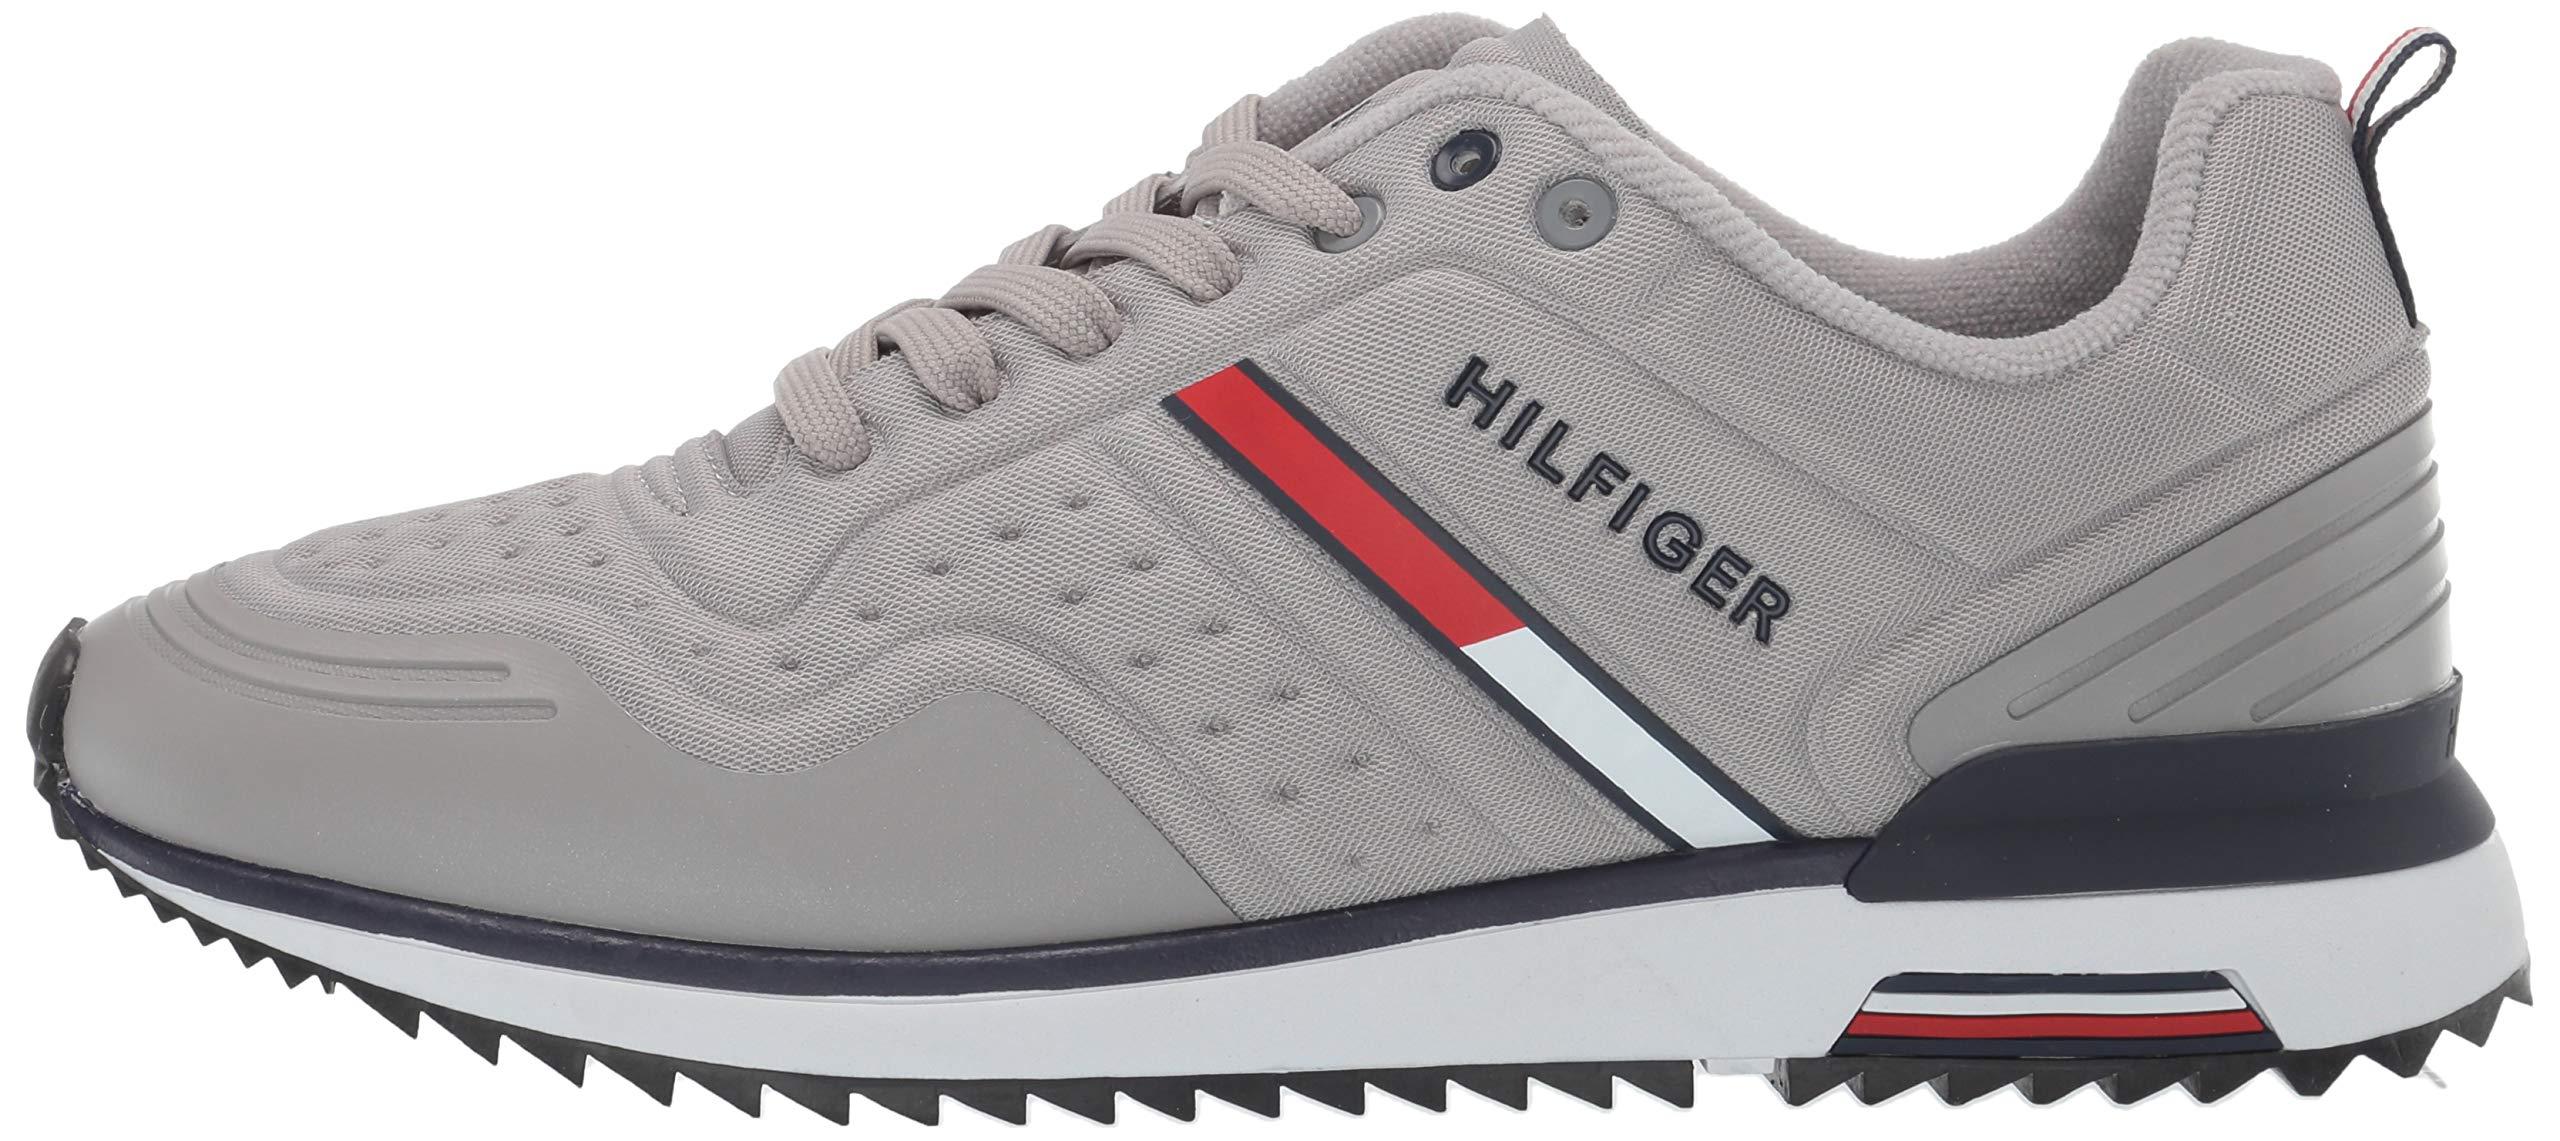 Tommy Hilfiger Men's Vion Sneaker- Buy